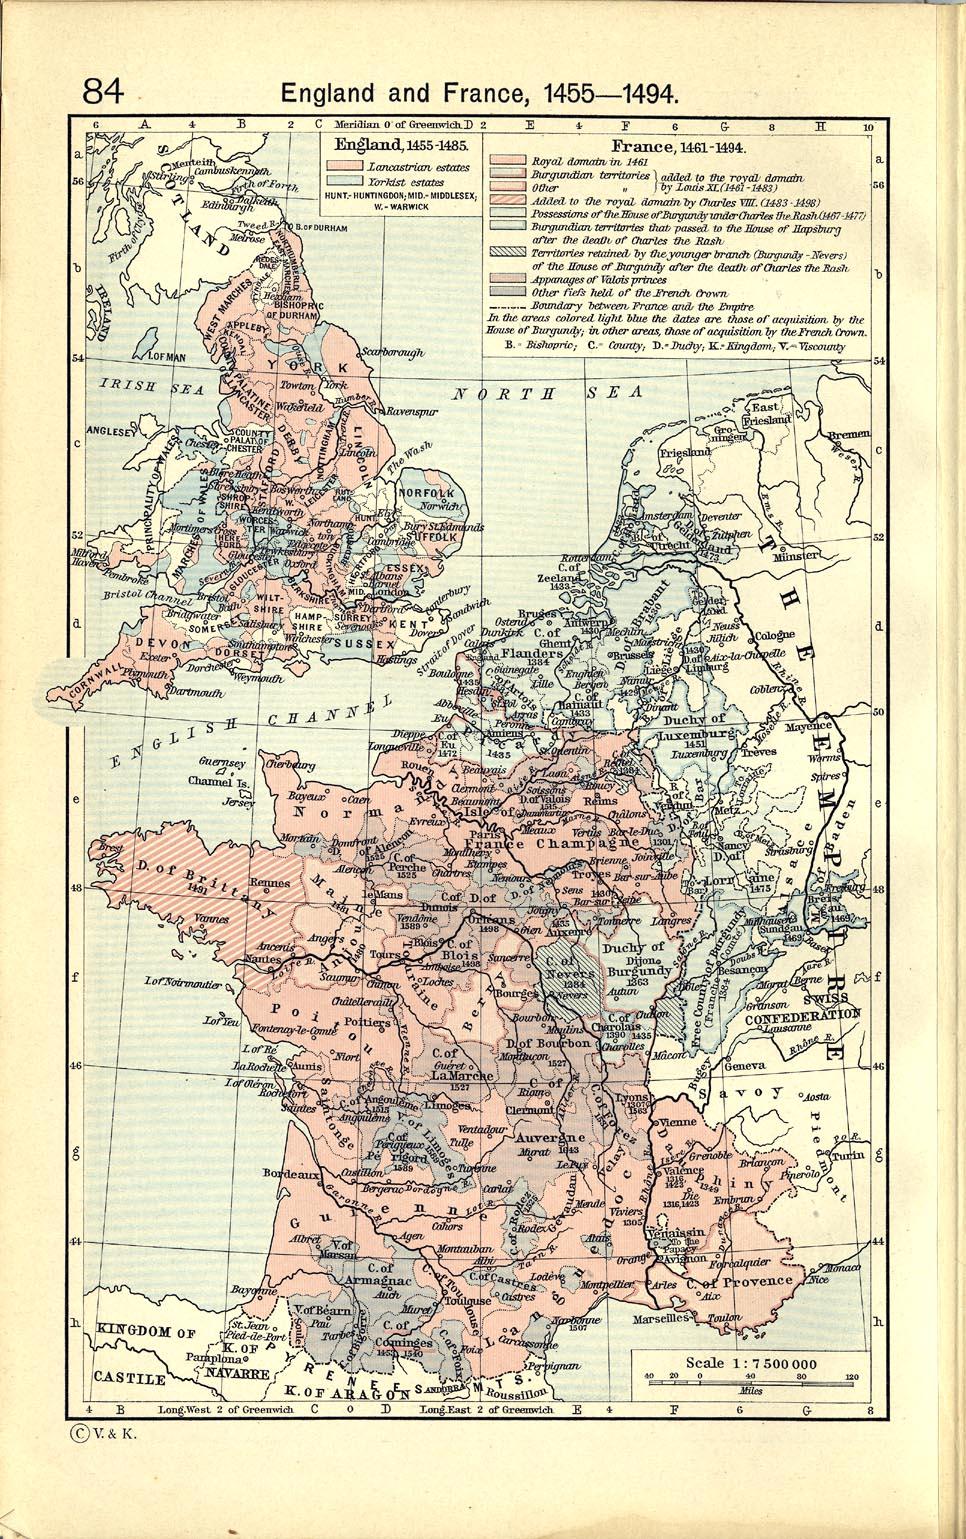 Mapa de Inglaterra y Francia, 1455 - 1494